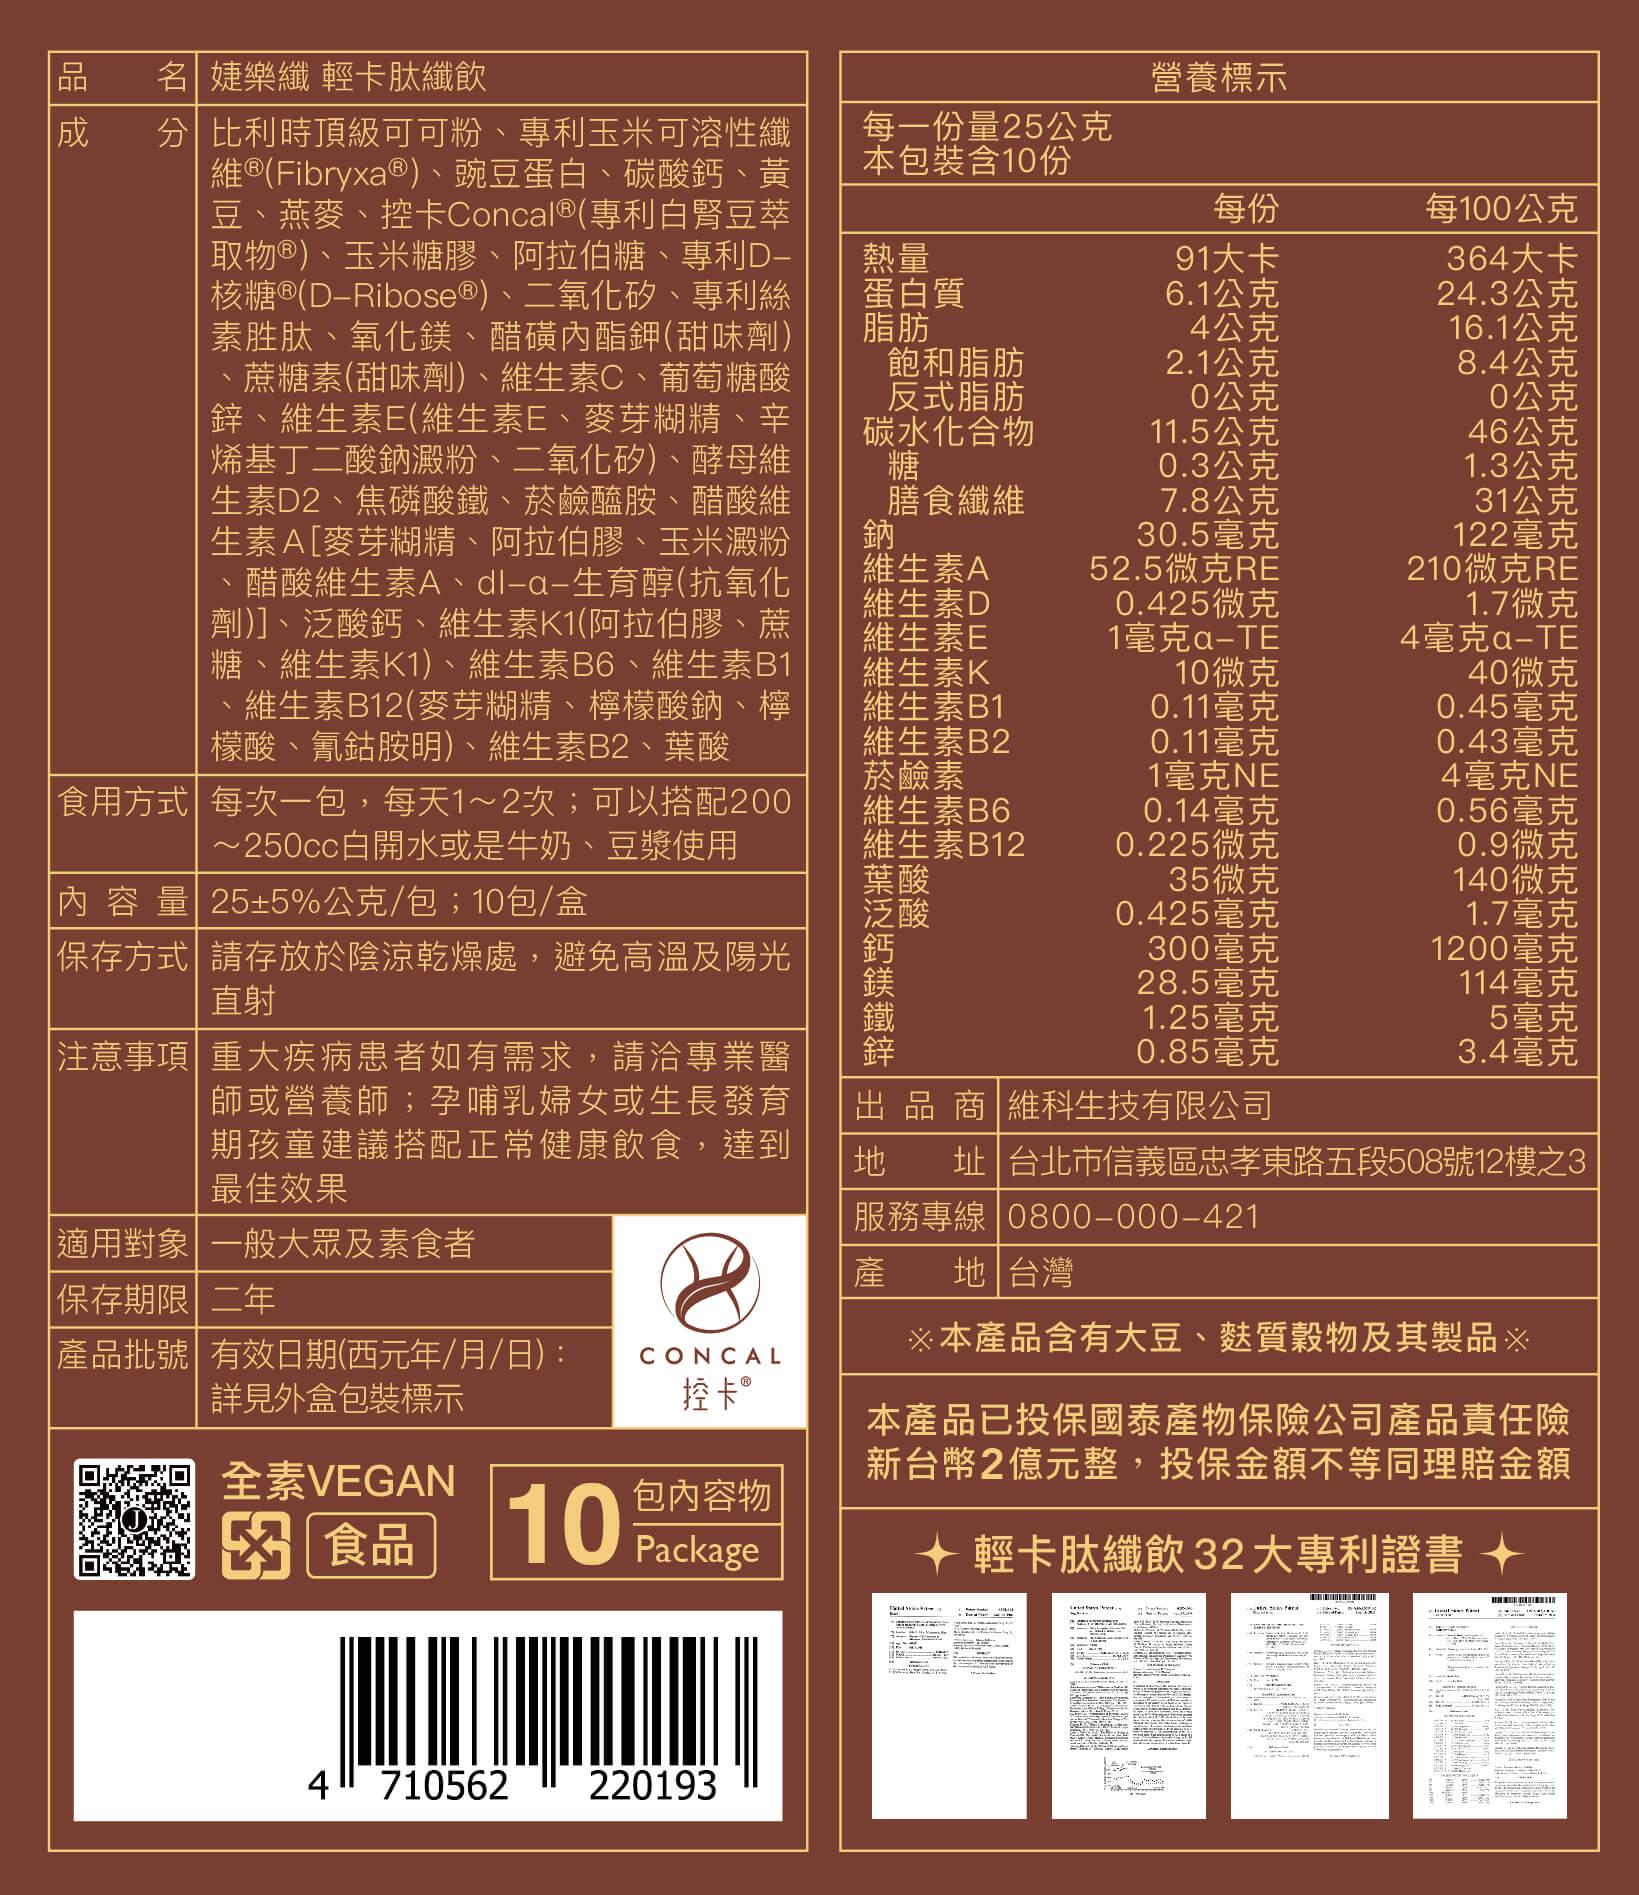 婕樂纖肽纖飲產品成分